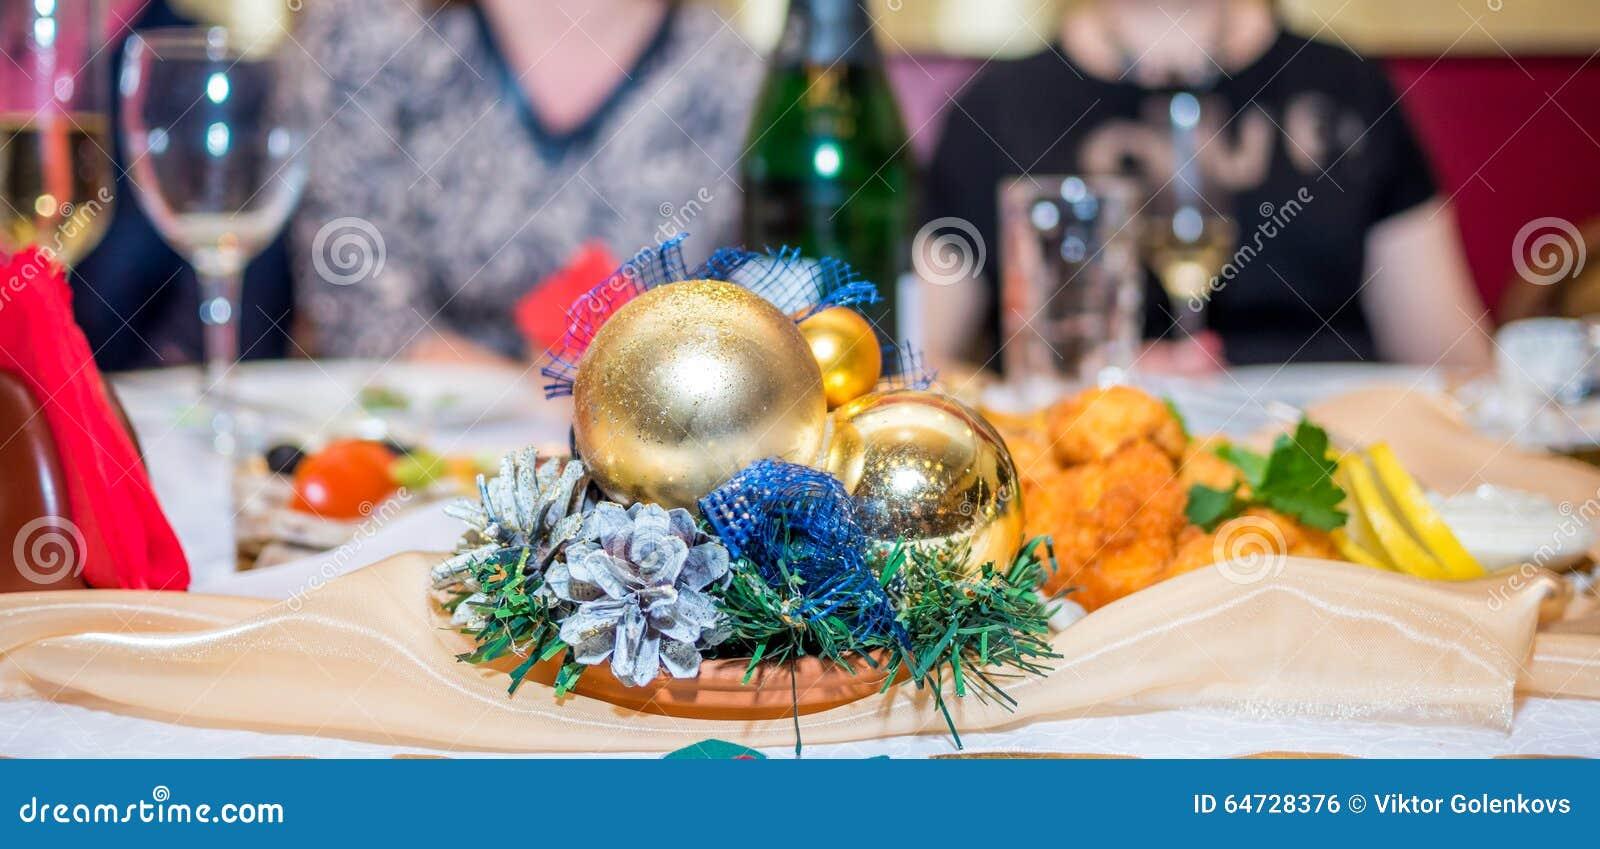 Table traditionnellement décorée de Noël